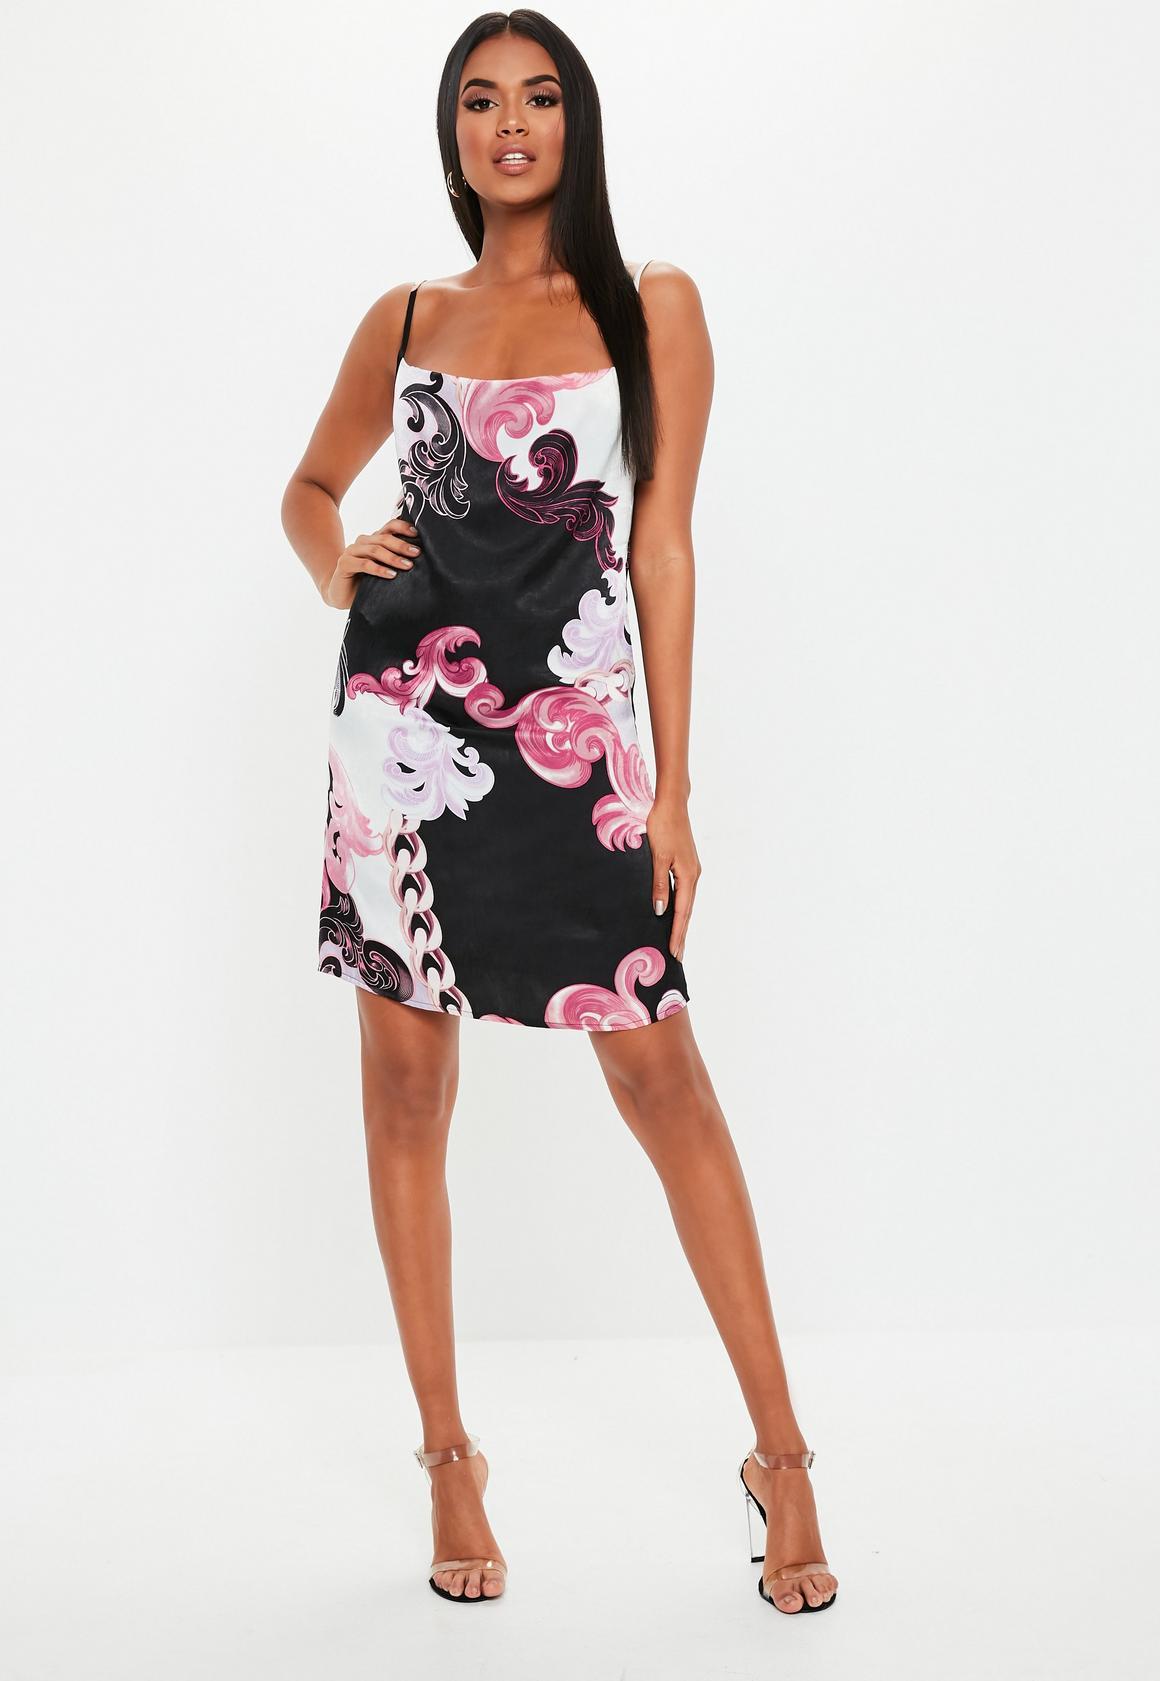 Missguided - robe courte e en satin avec col bénitier et imprimé floral - 2